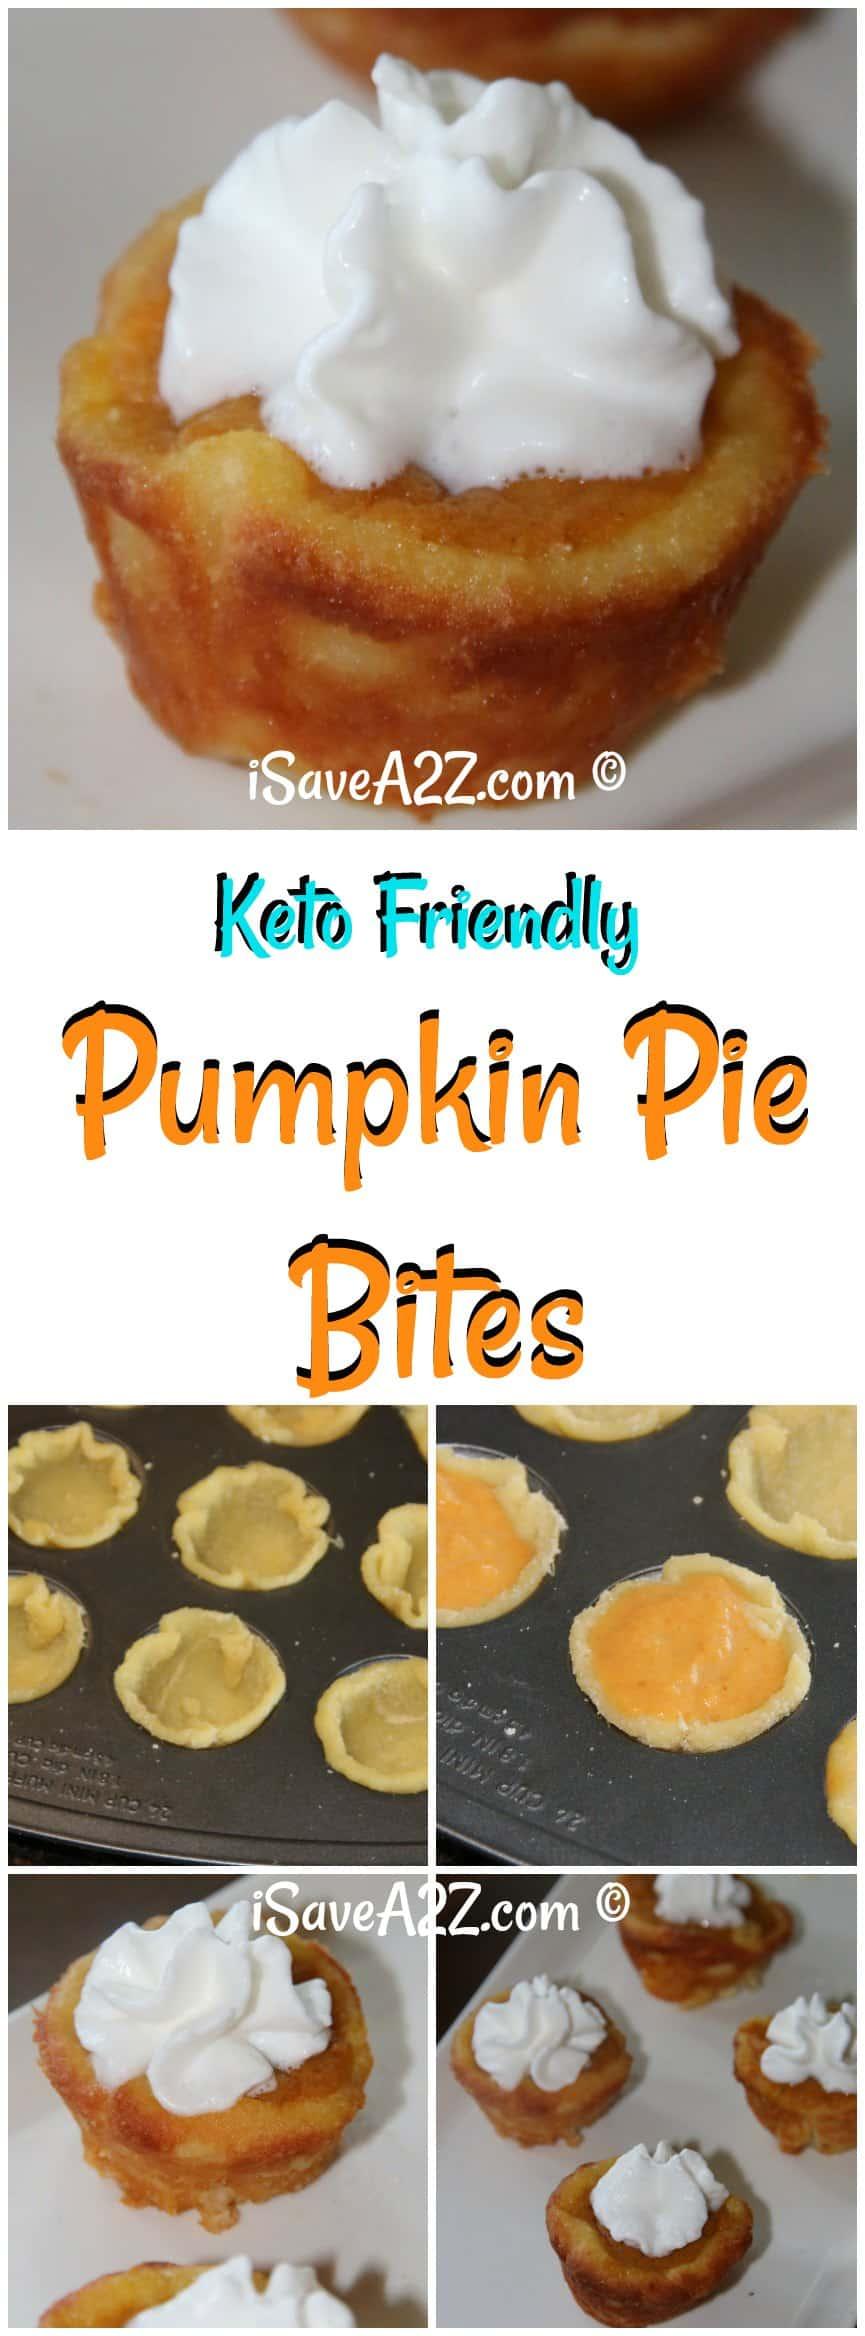 Keto Mini Pumpkin Pie Bites